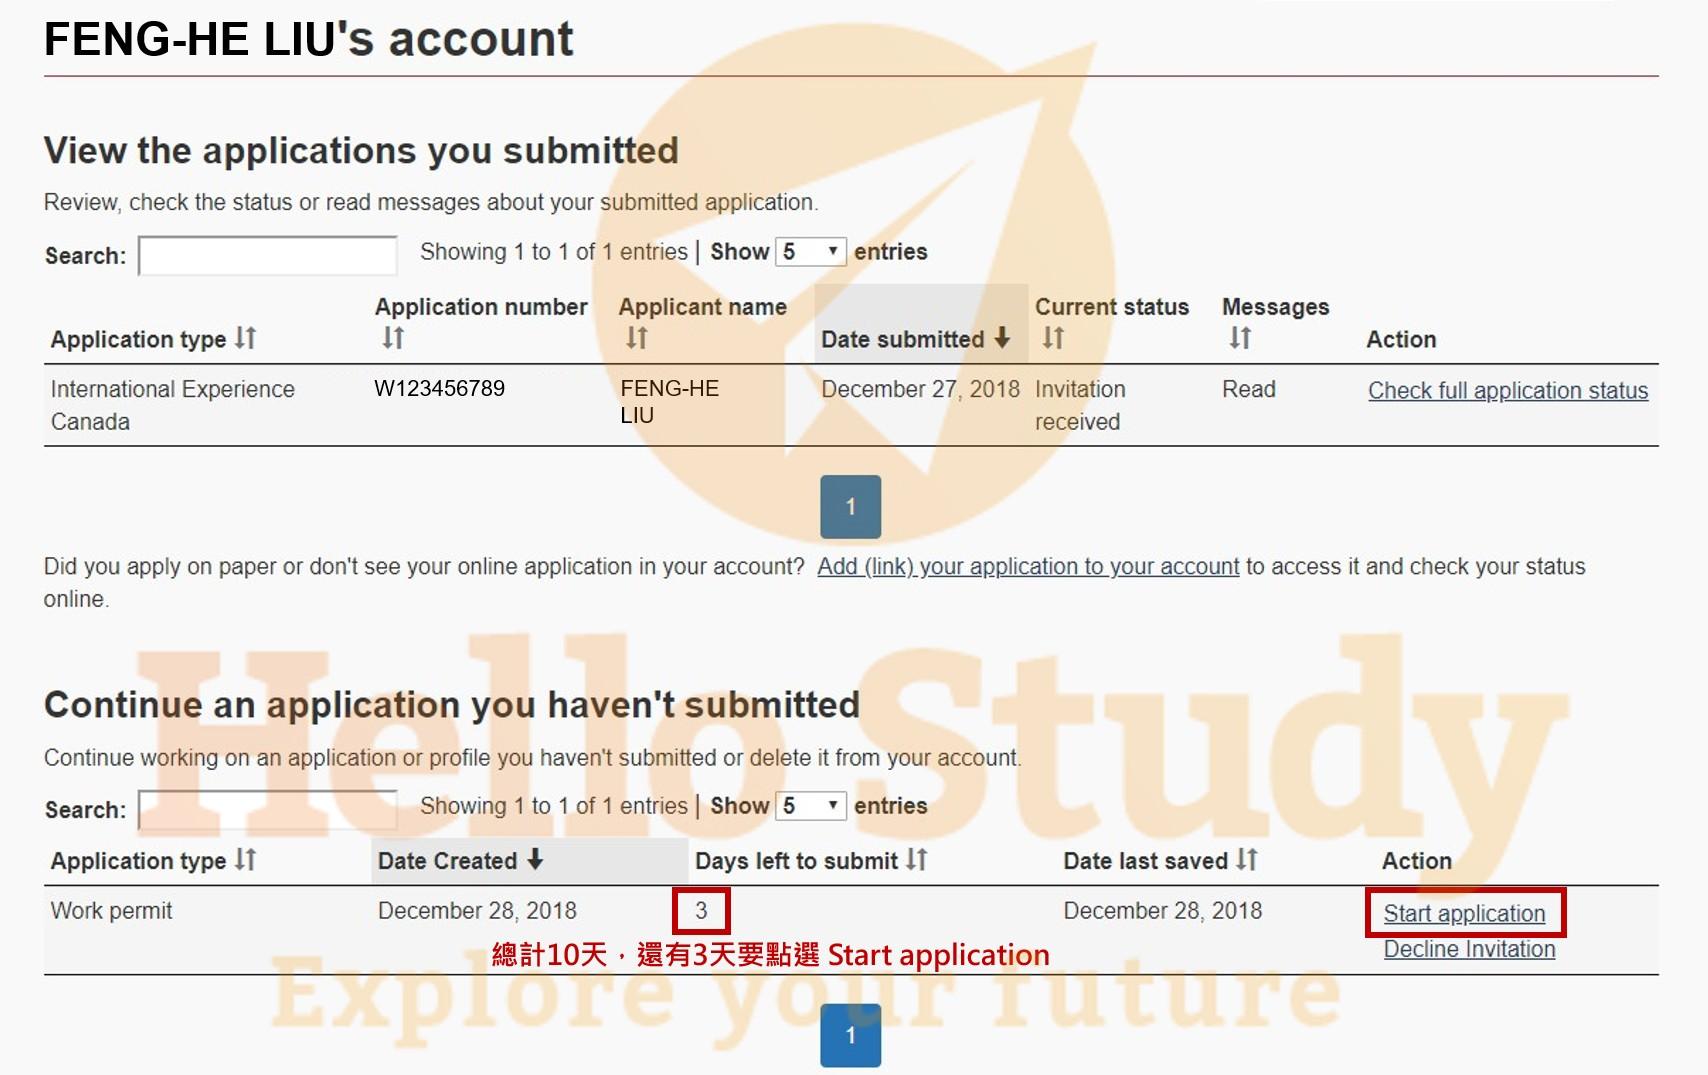 點選【Start application】,20天內要上傳加打所有文件